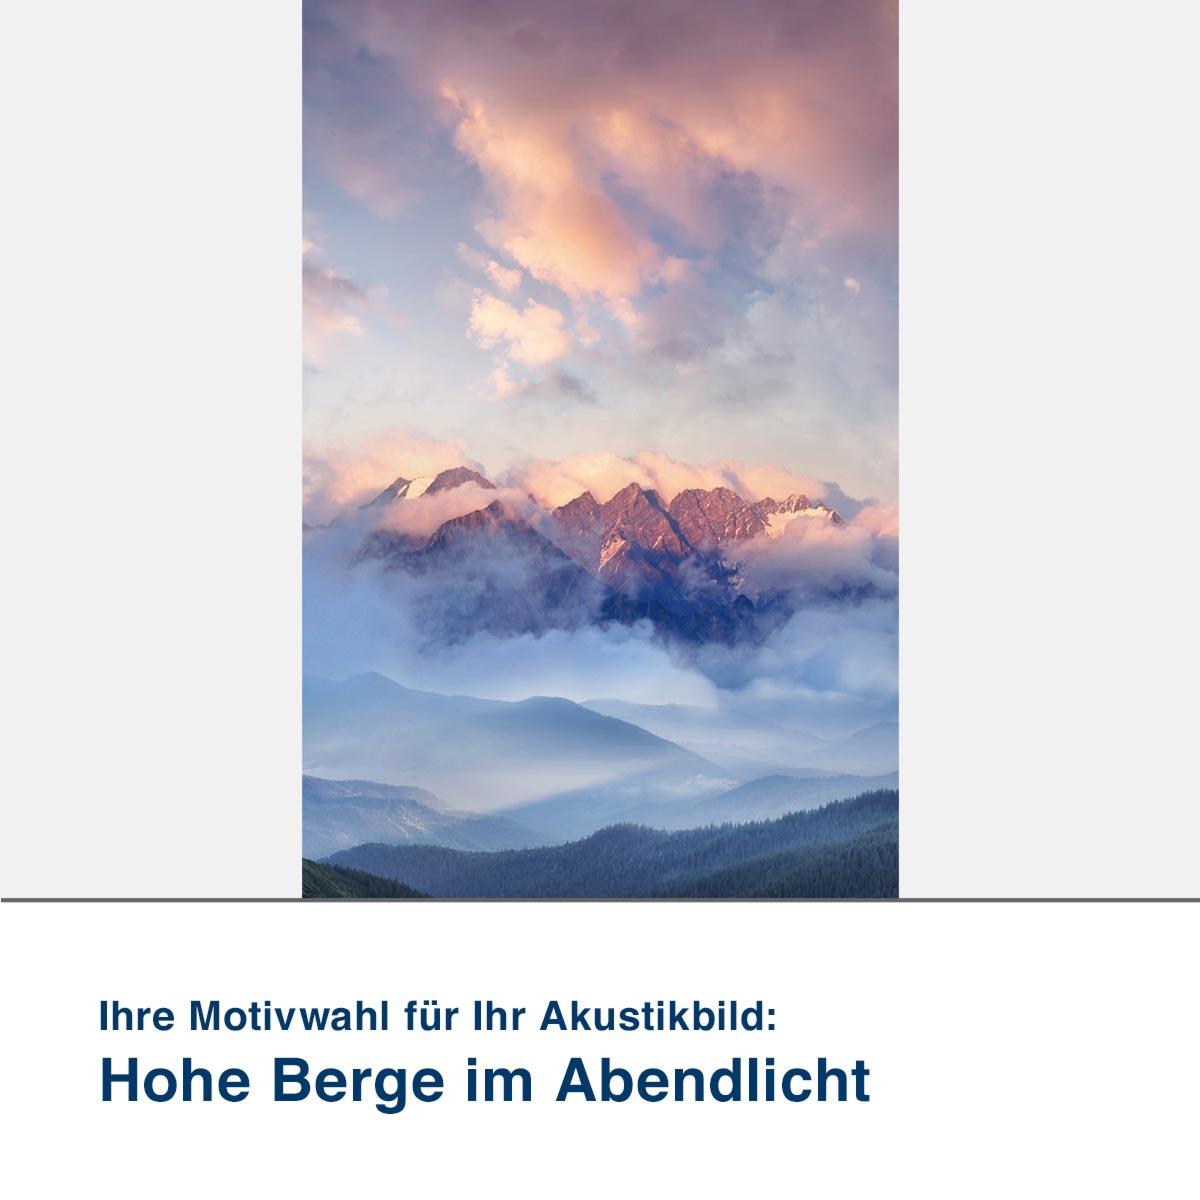 Akustikbild Motiv Hohe Berge im Abendlicht